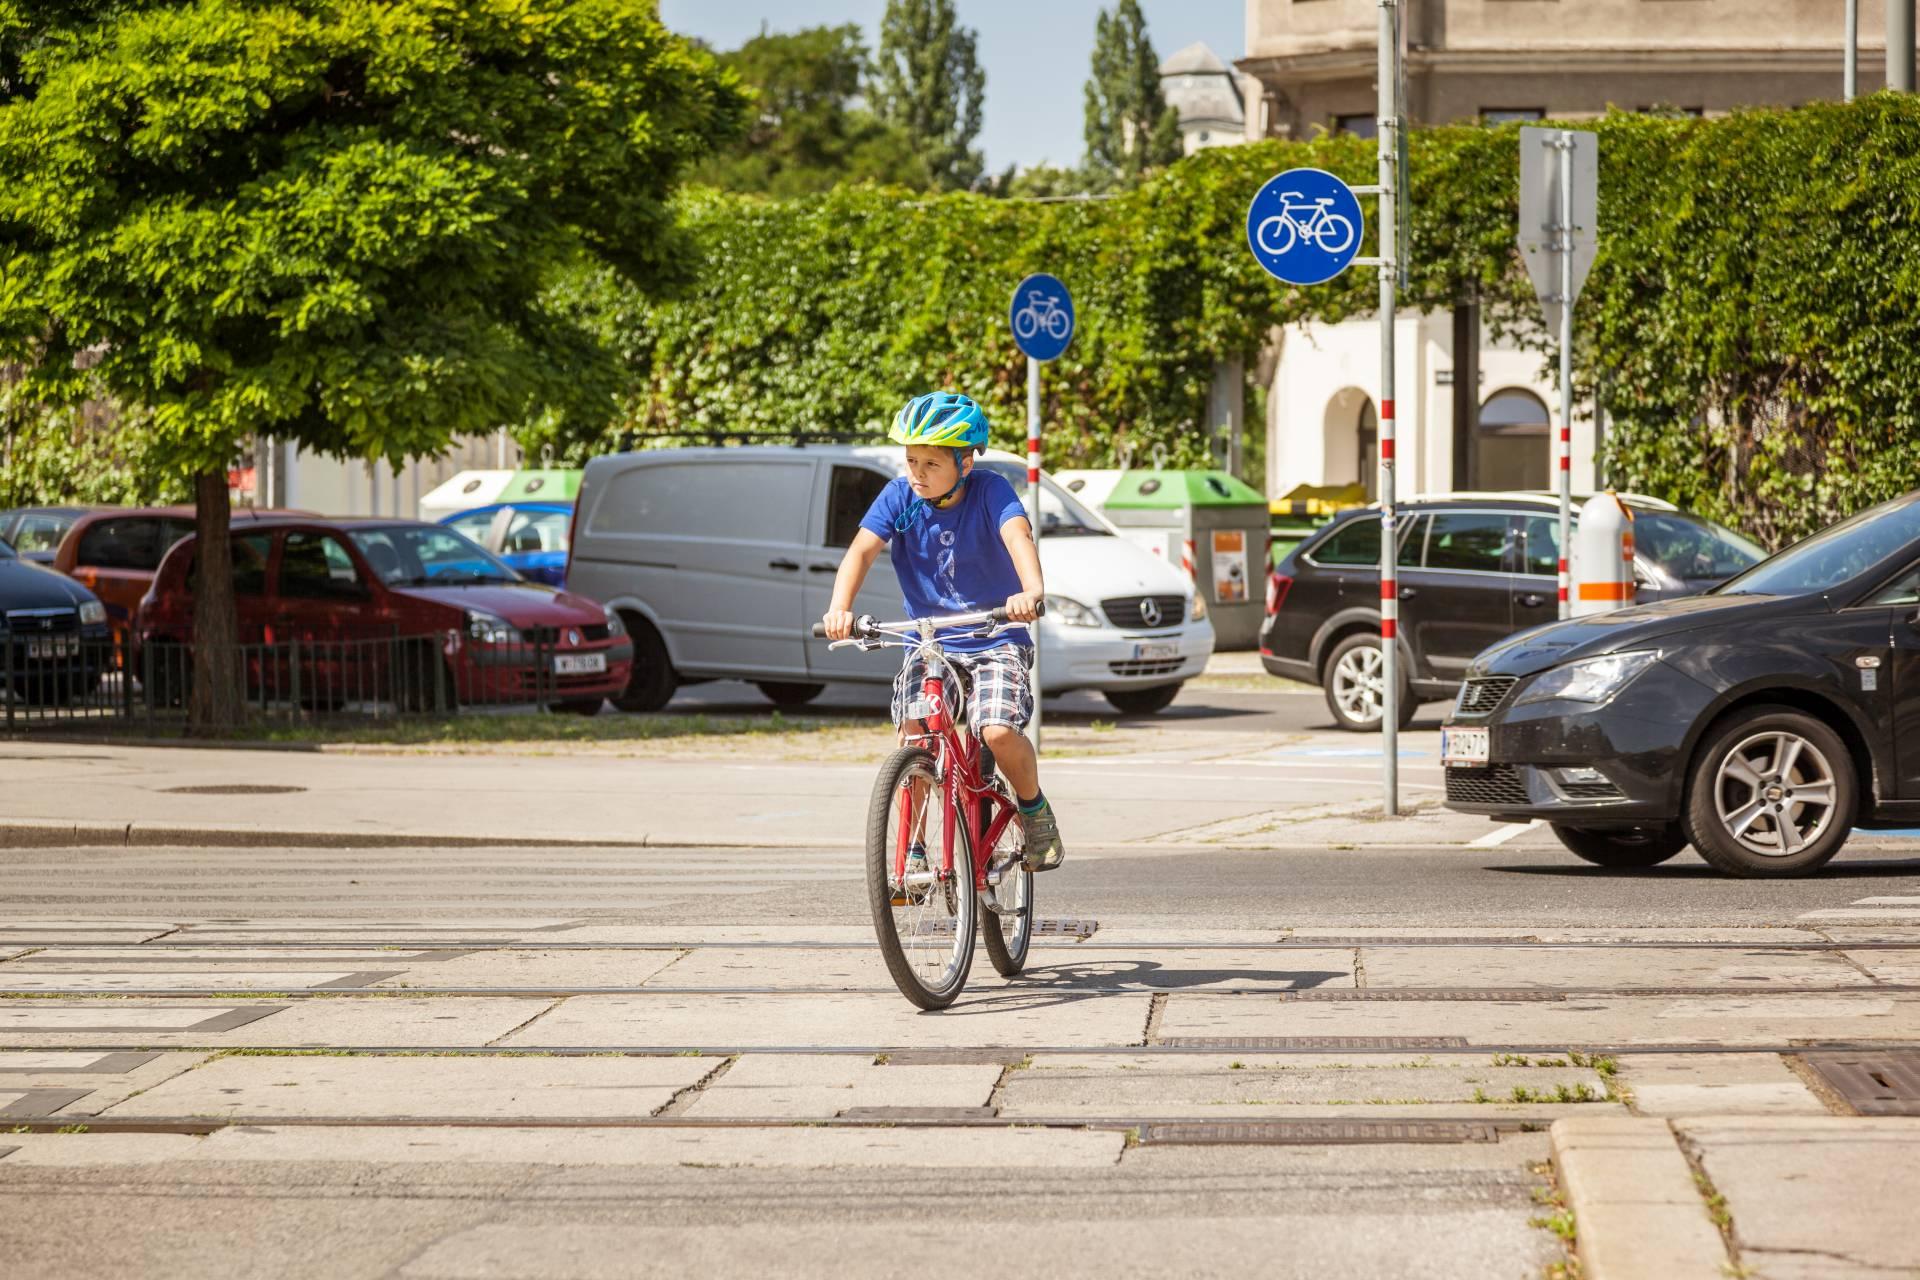 Ein Bub fährt mit dem Fahrrad über eine Kreuzung